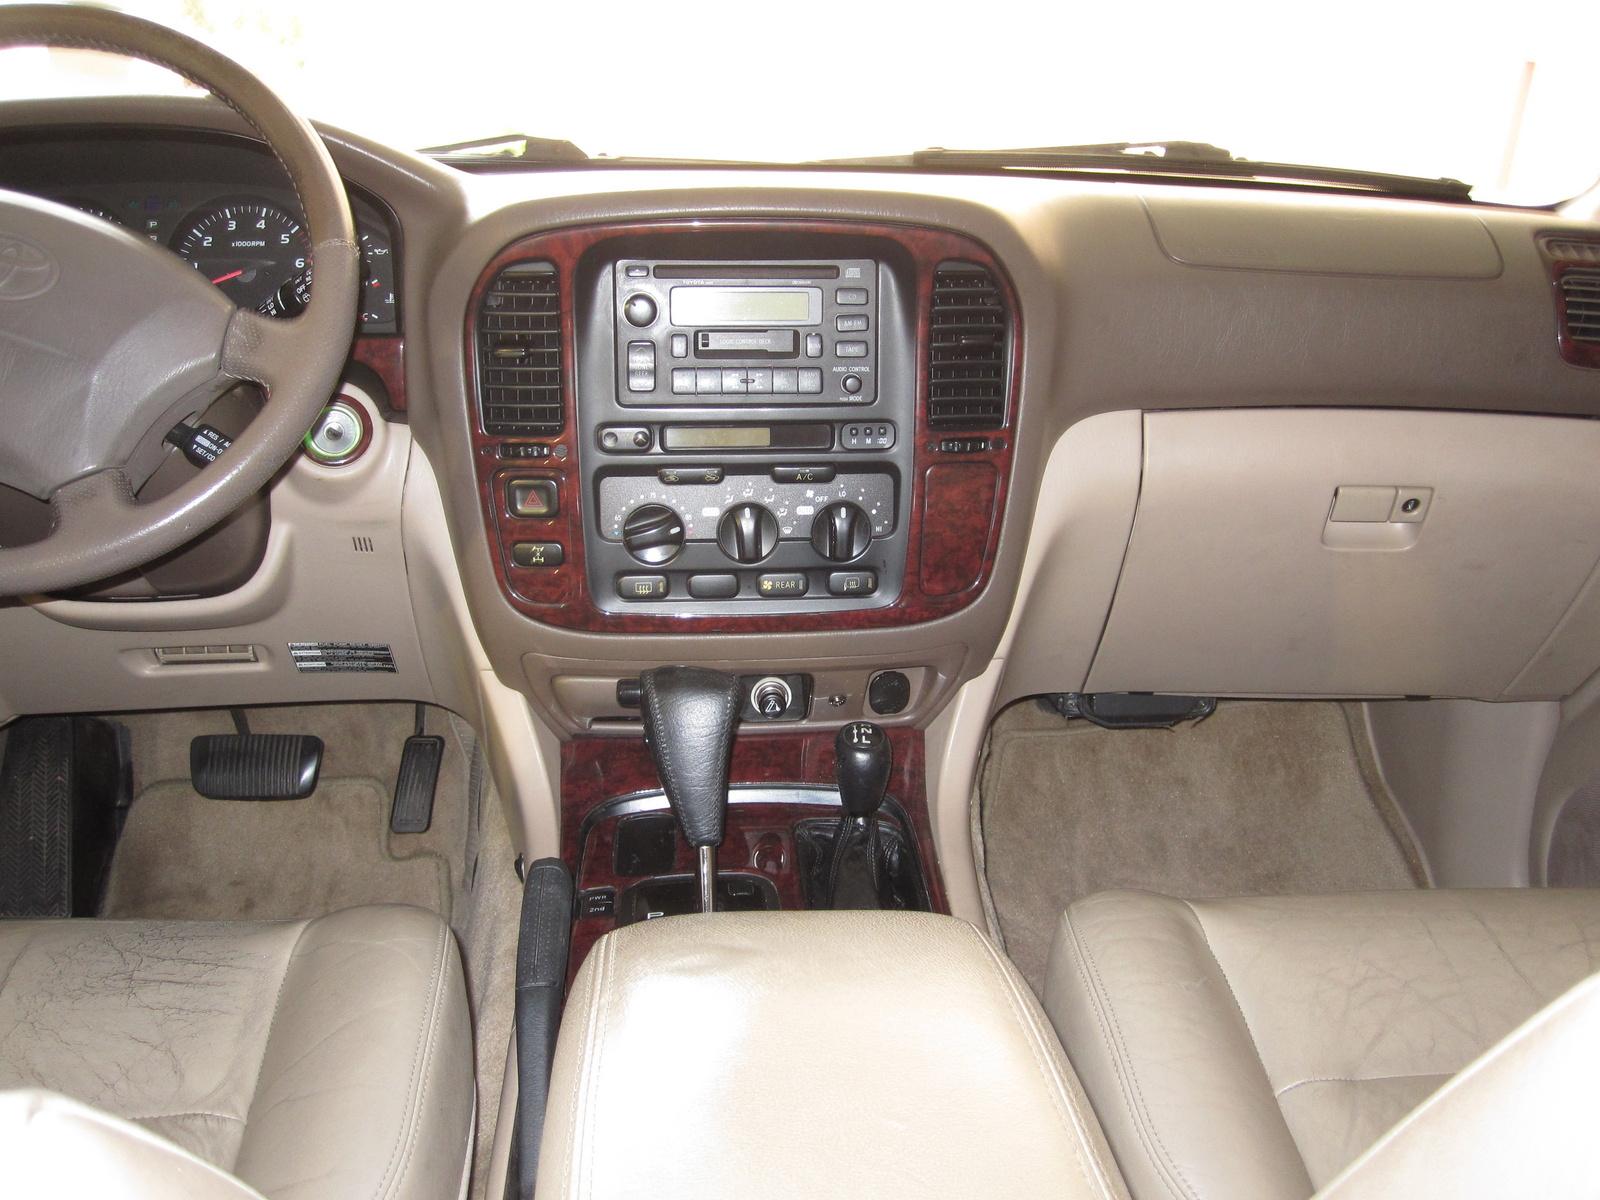 1999 toyota land cruiser interior pictures cargurus